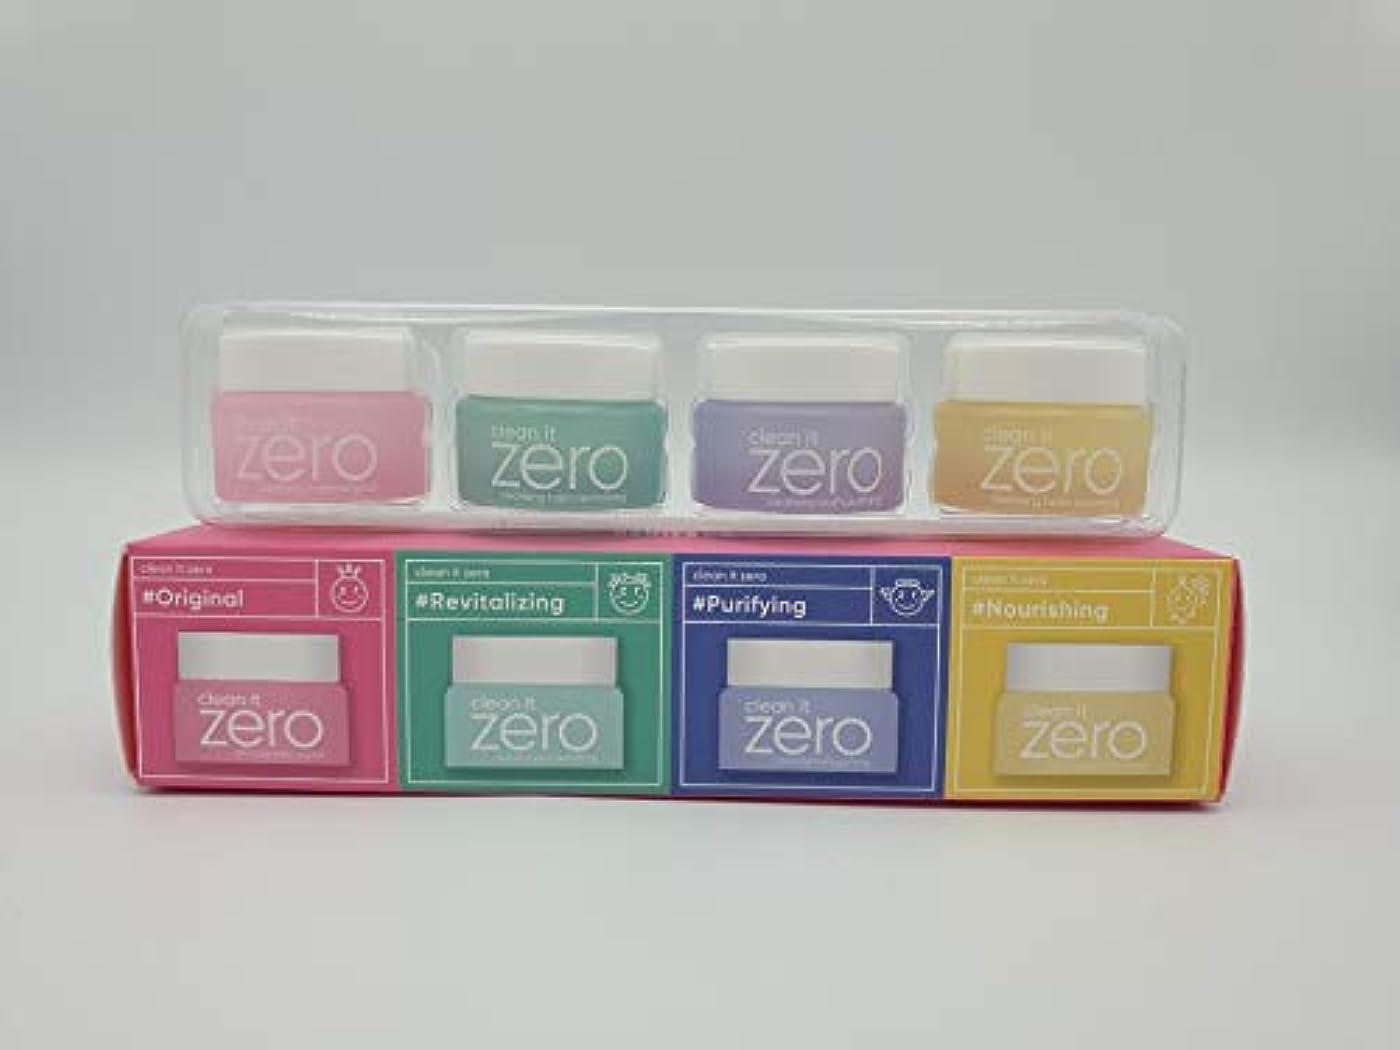 無し驚くべき寛解BANILA CO Clean It Zero Special Kit (7ml×4items)/バニラコ クリーン イット ゼロ スペシャル キット (7ml×4種) [並行輸入品]